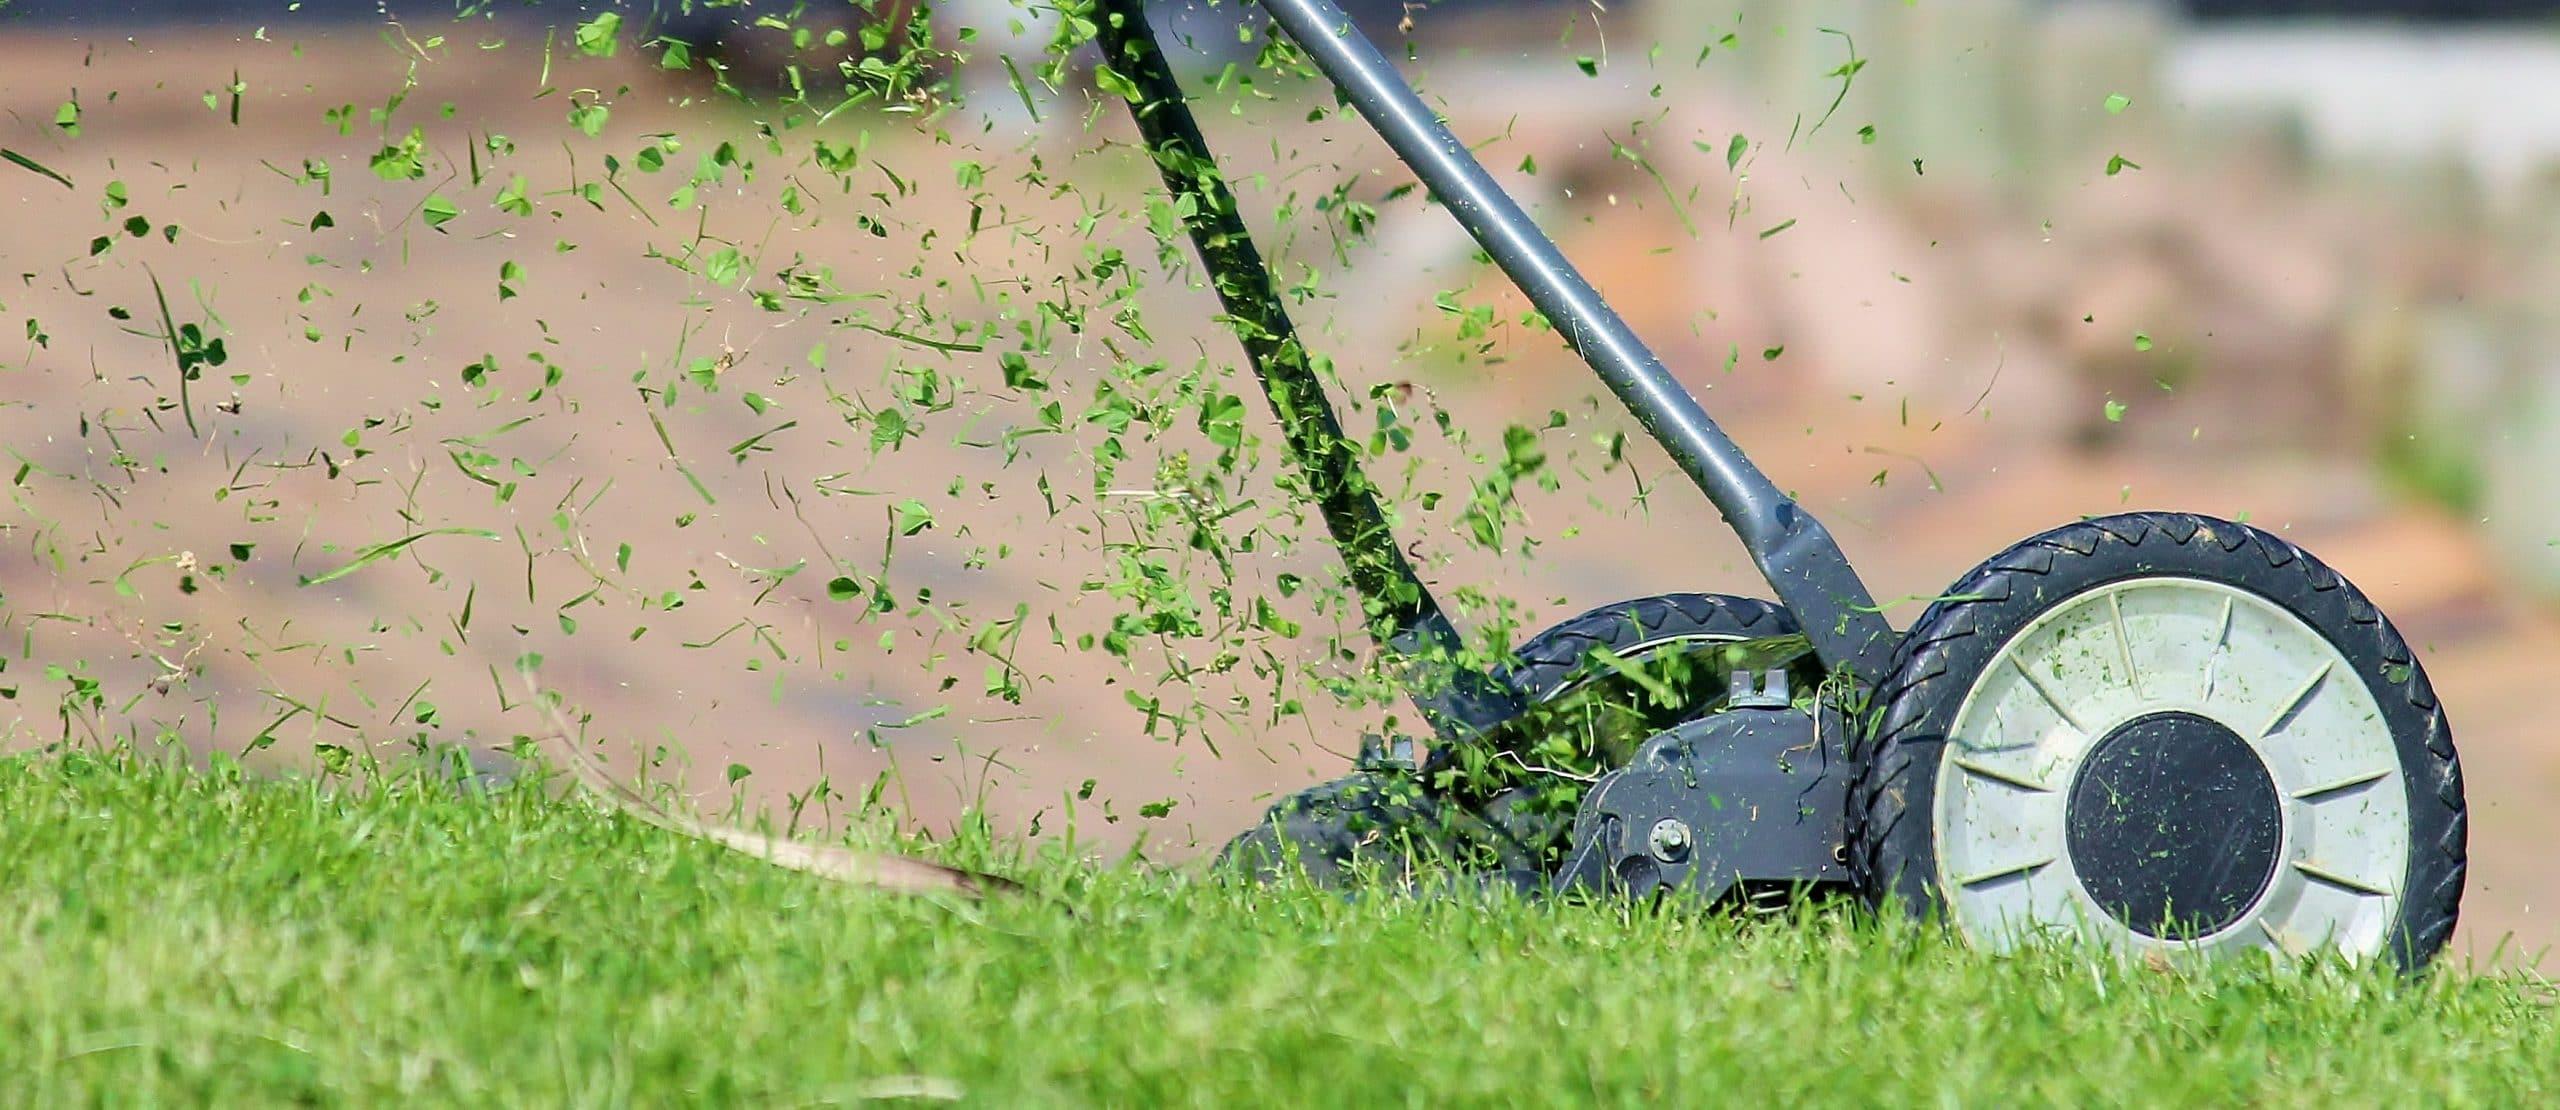 Ihr Hausmeisterservice in Wachtberg. Wir kümmern uns um Ihre Gartenpflege und jegliche Hausmeistertätigkeiten